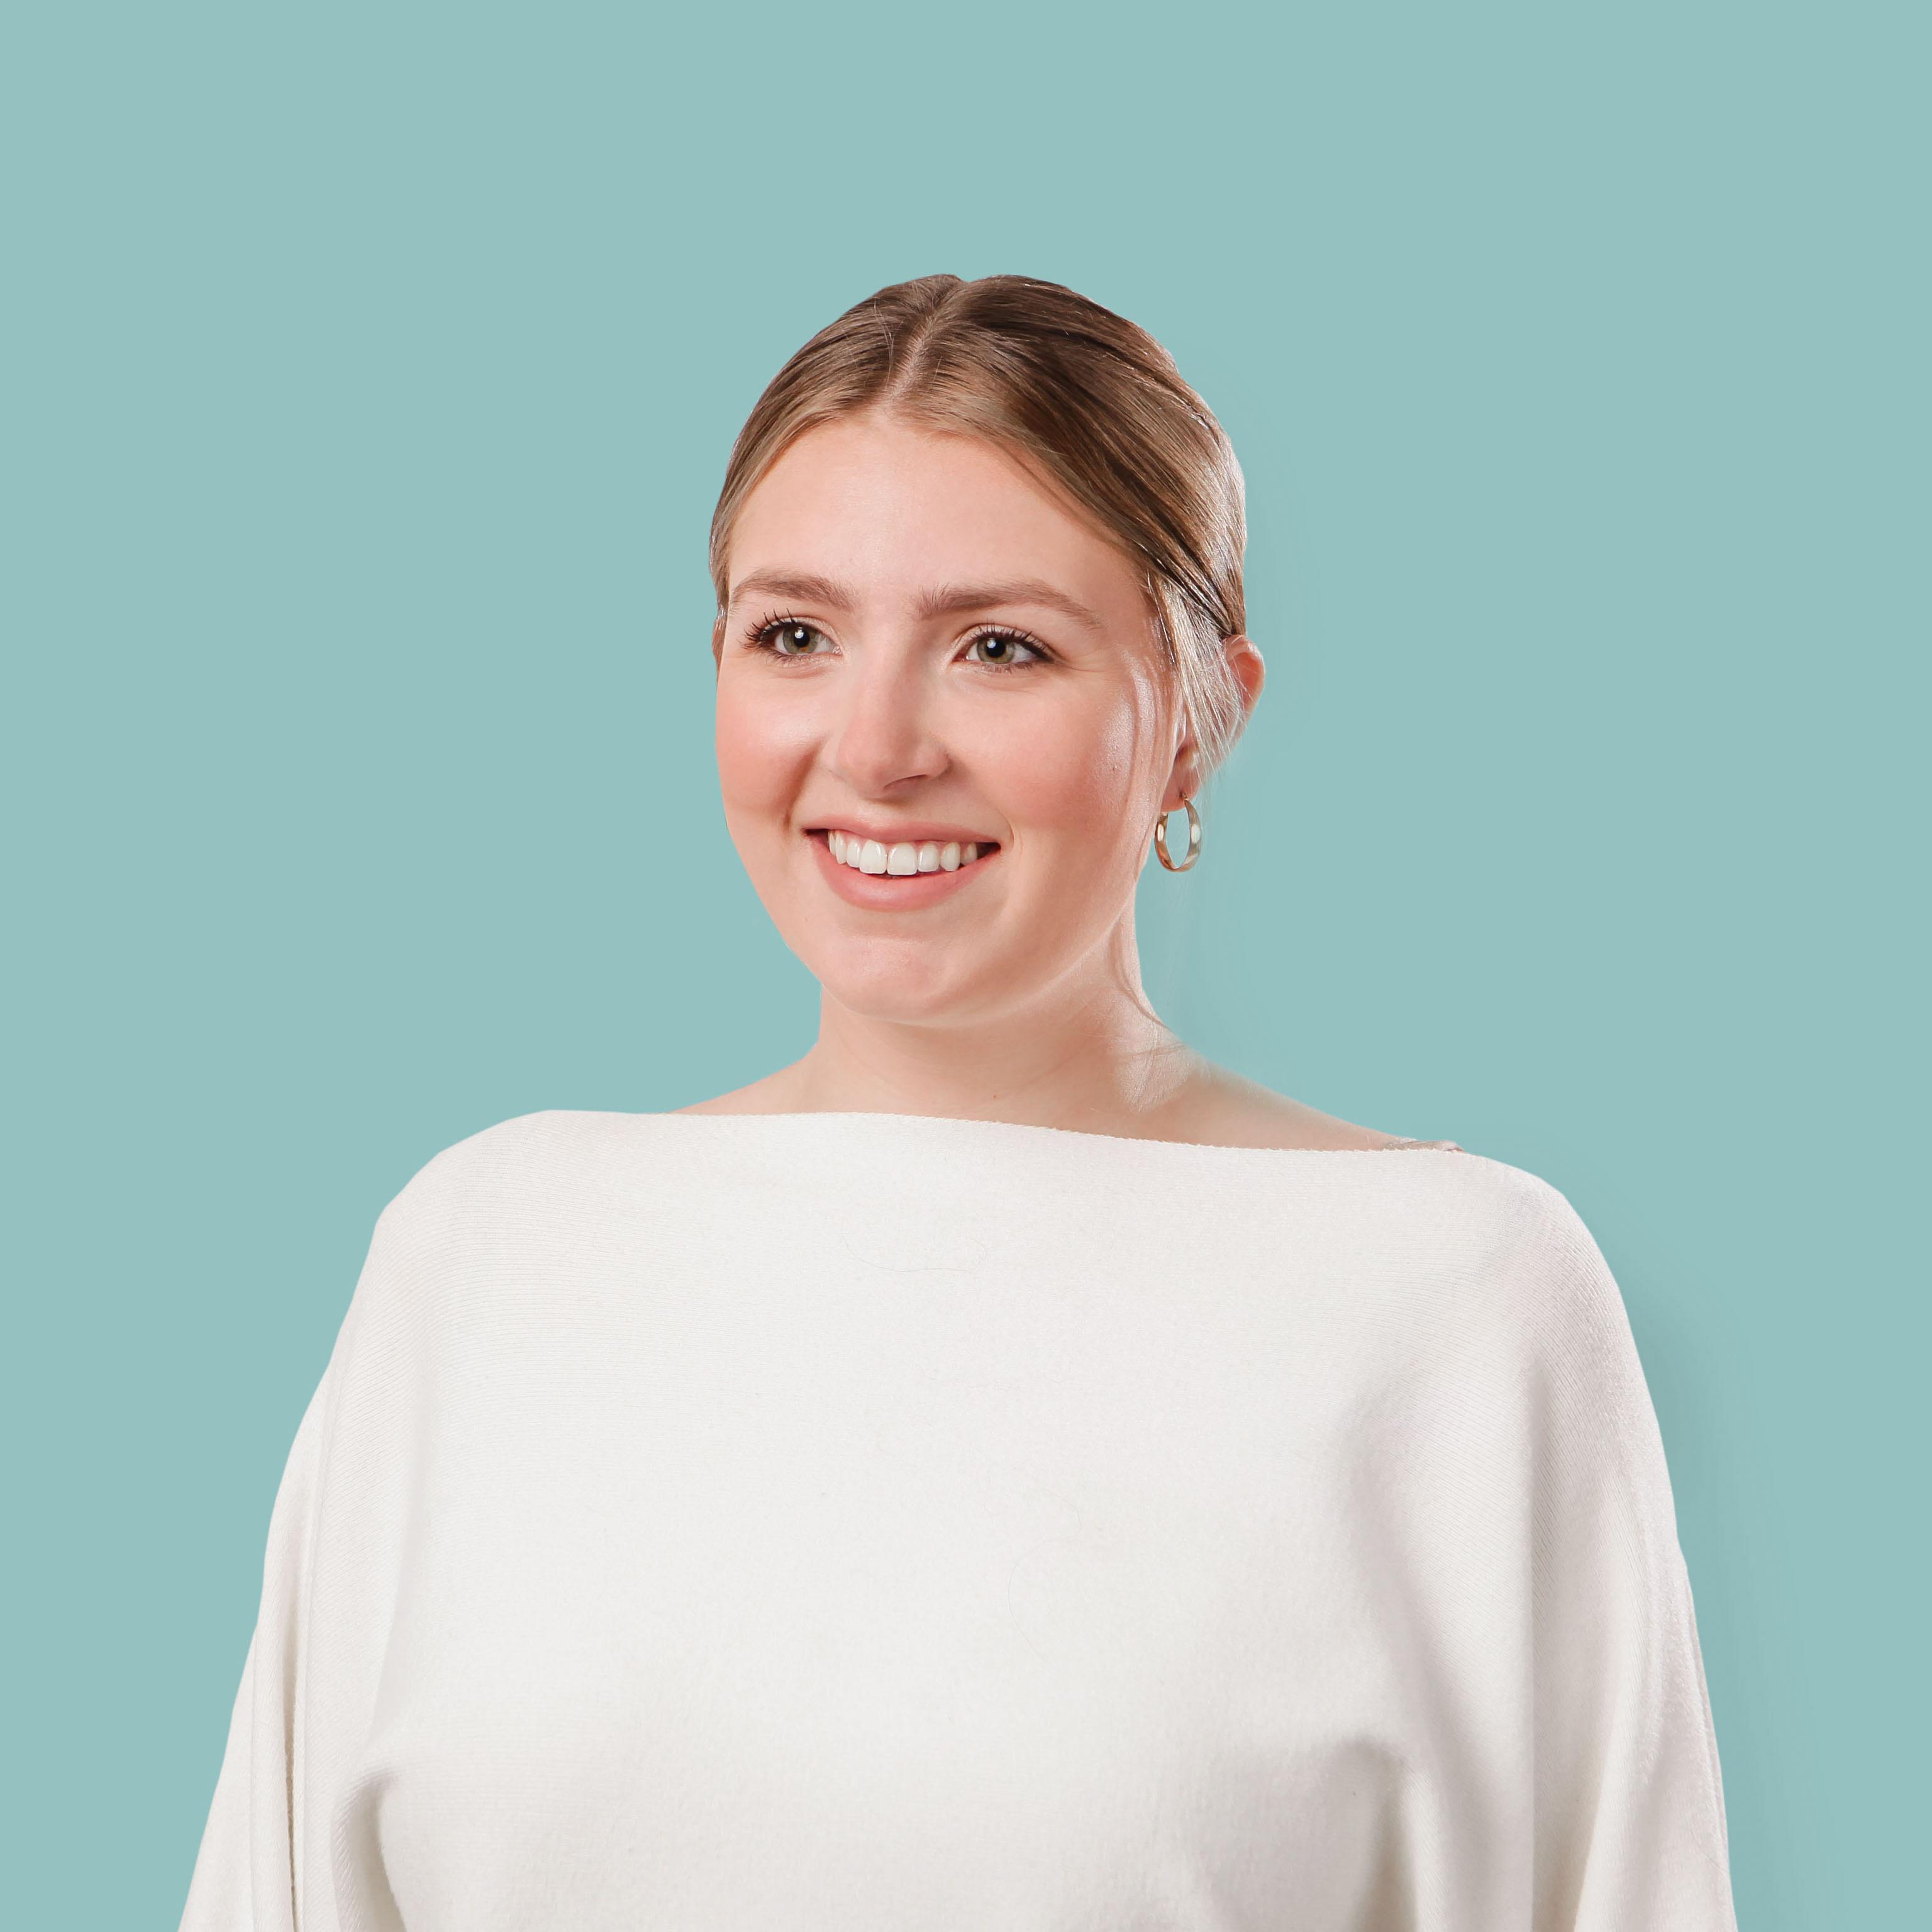 Photo of Olivia Barton